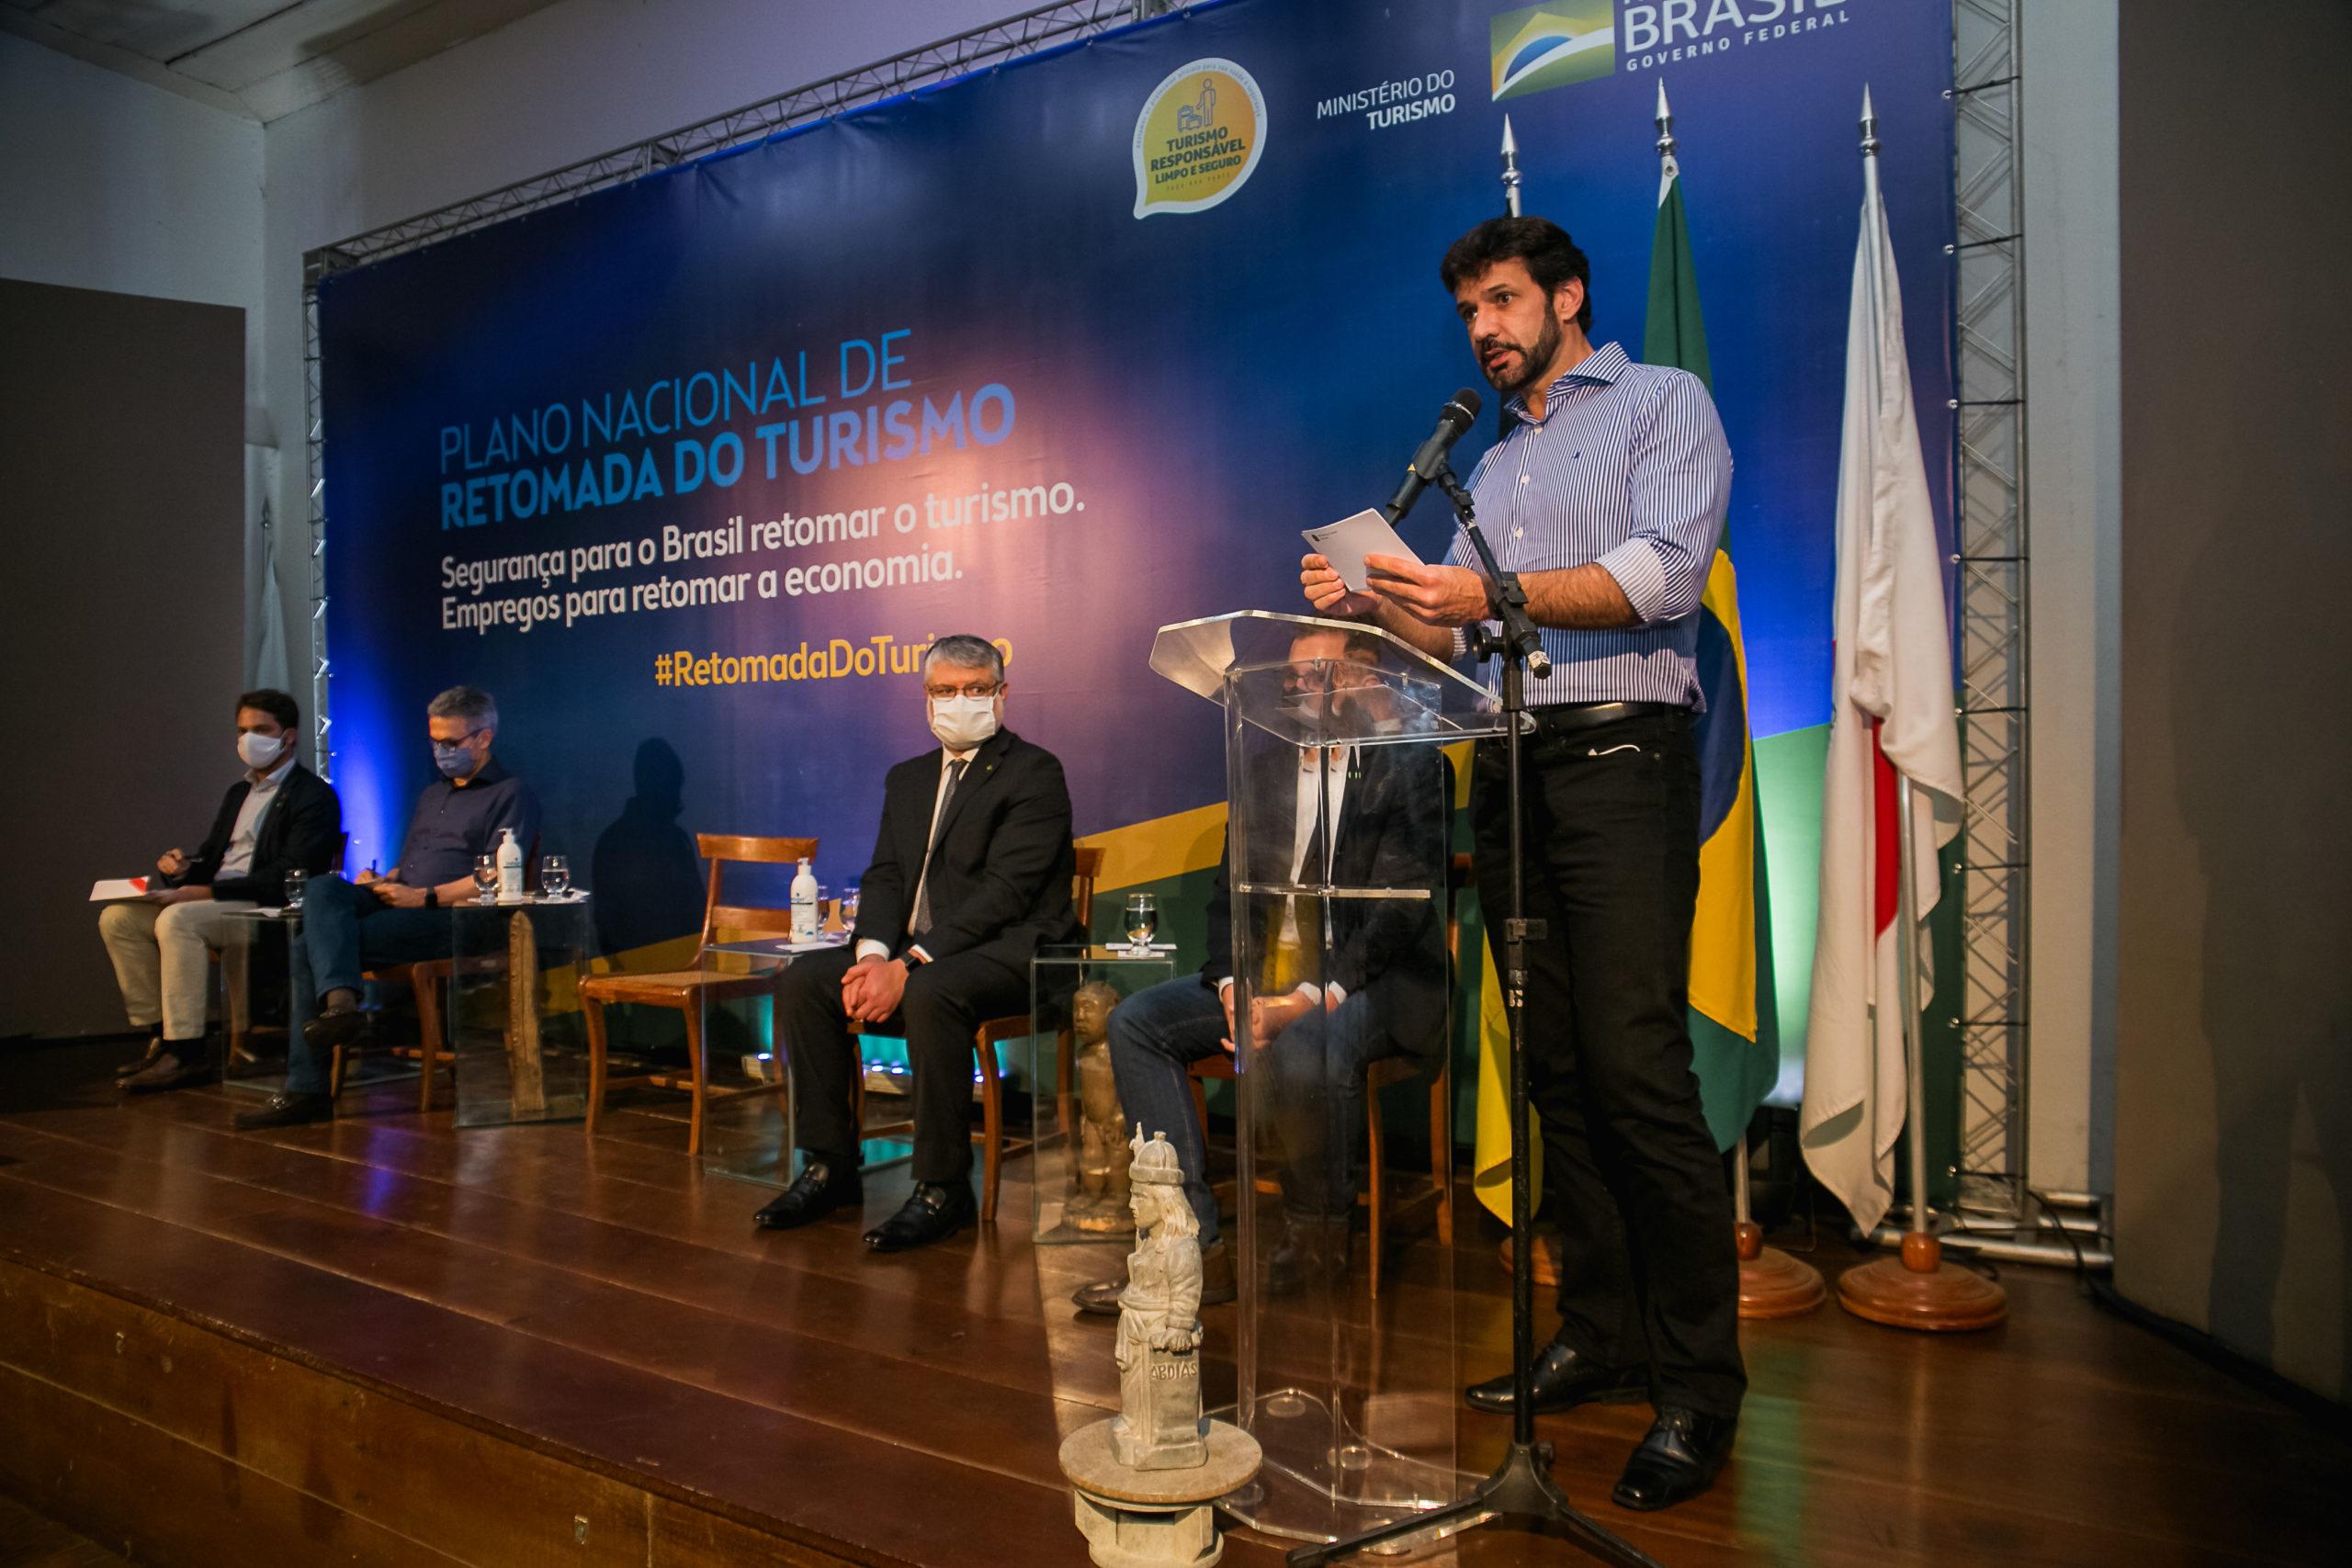 Em Ouro Preto-MG, ministério apresenta Plano Nacional de Retomada do Turismo  - Jornal Voz Ativa